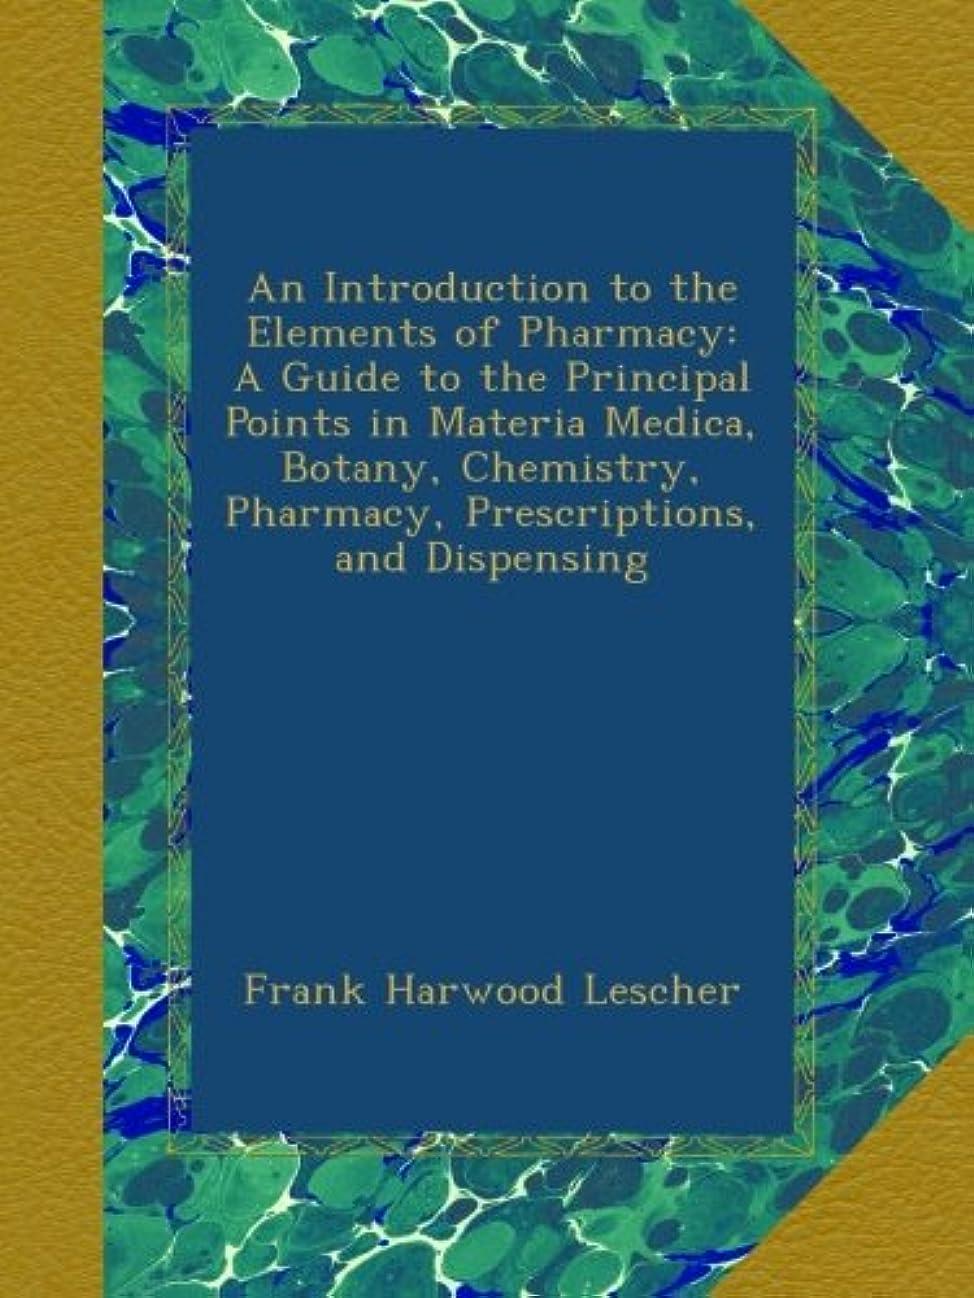 海賊援助ソーダ水An Introduction to the Elements of Pharmacy: A Guide to the Principal Points in Materia Medica, Botany, Chemistry, Pharmacy, Prescriptions, and Dispensing